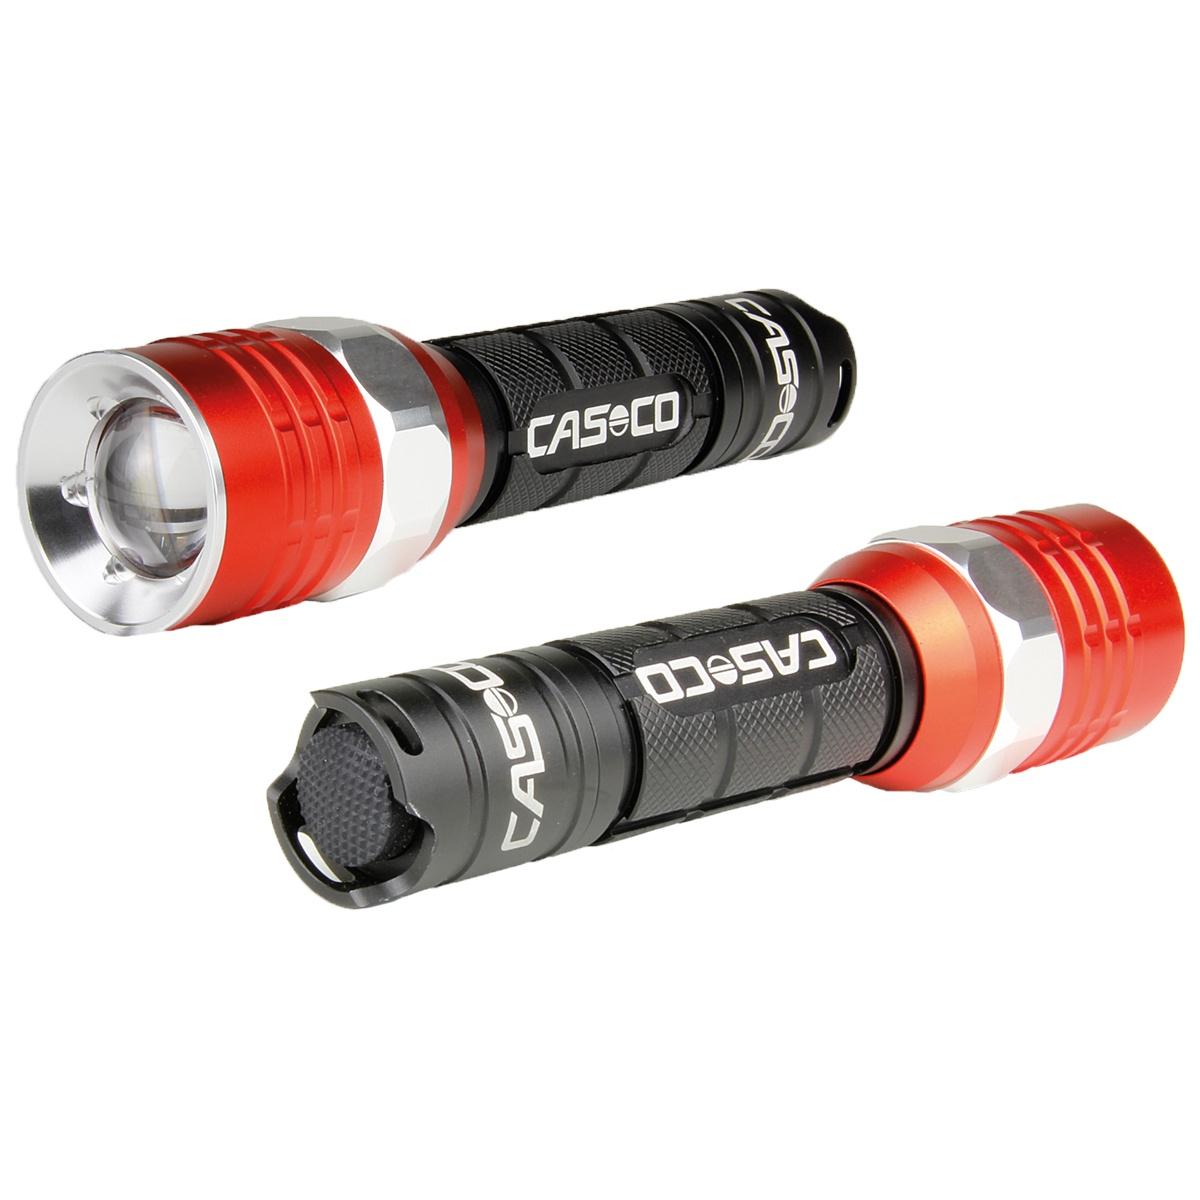 Casco Power Light 500 Vario